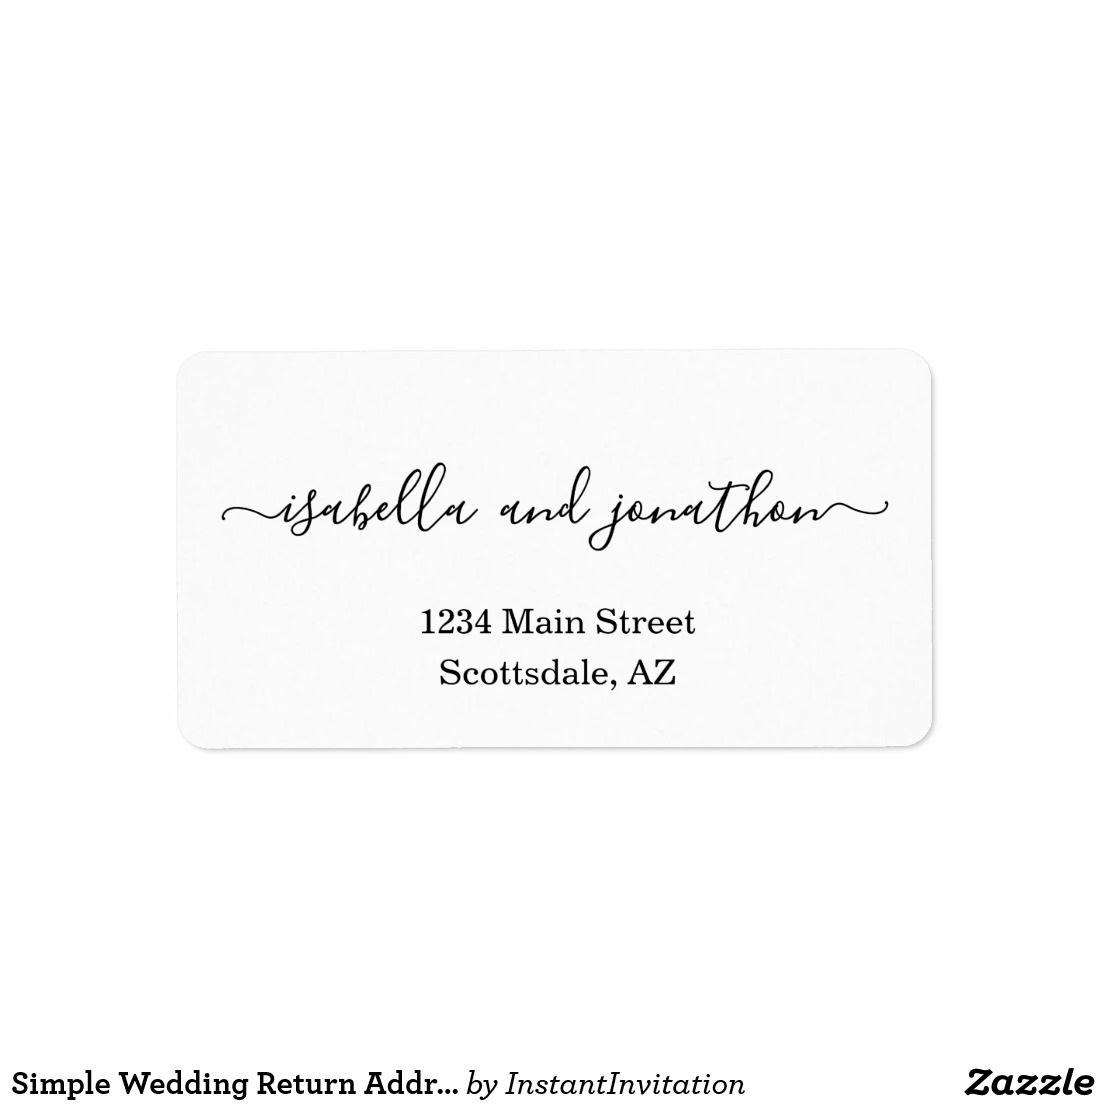 Simple Wedding Return Address Labels Wedding Return Address Labels Return Address Wedding Return Address Labels Wedding return address label template